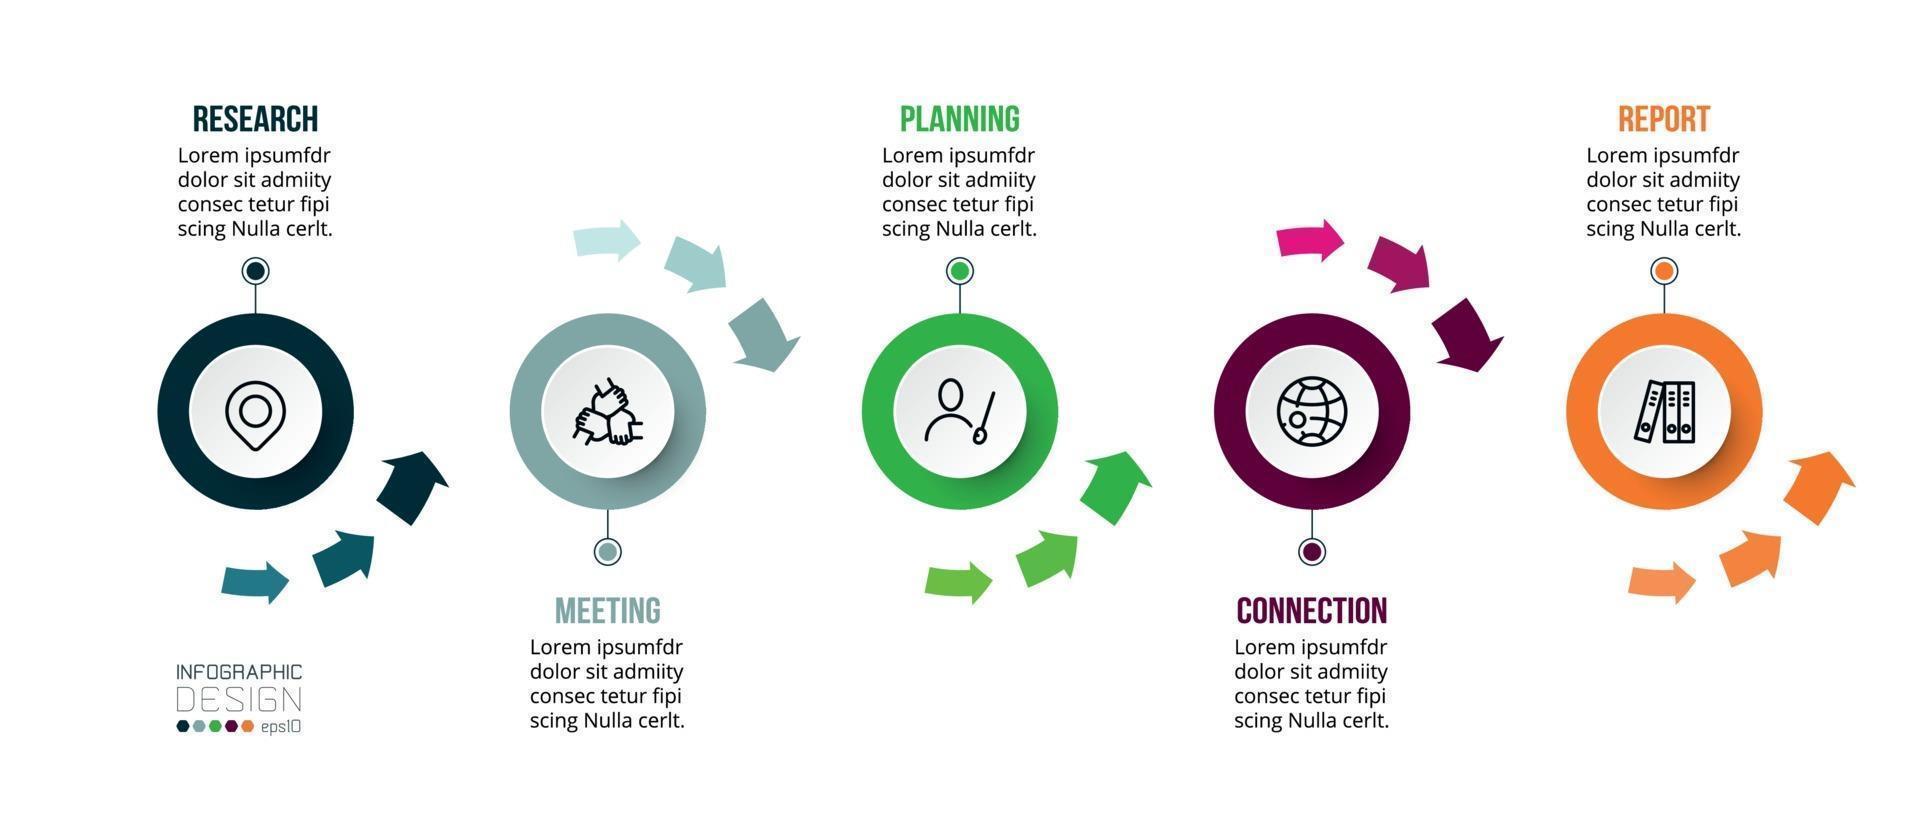 business plan o vari reparti attraverso un formato circolare utilizzato per pianificare e condurre l'attività. vettore